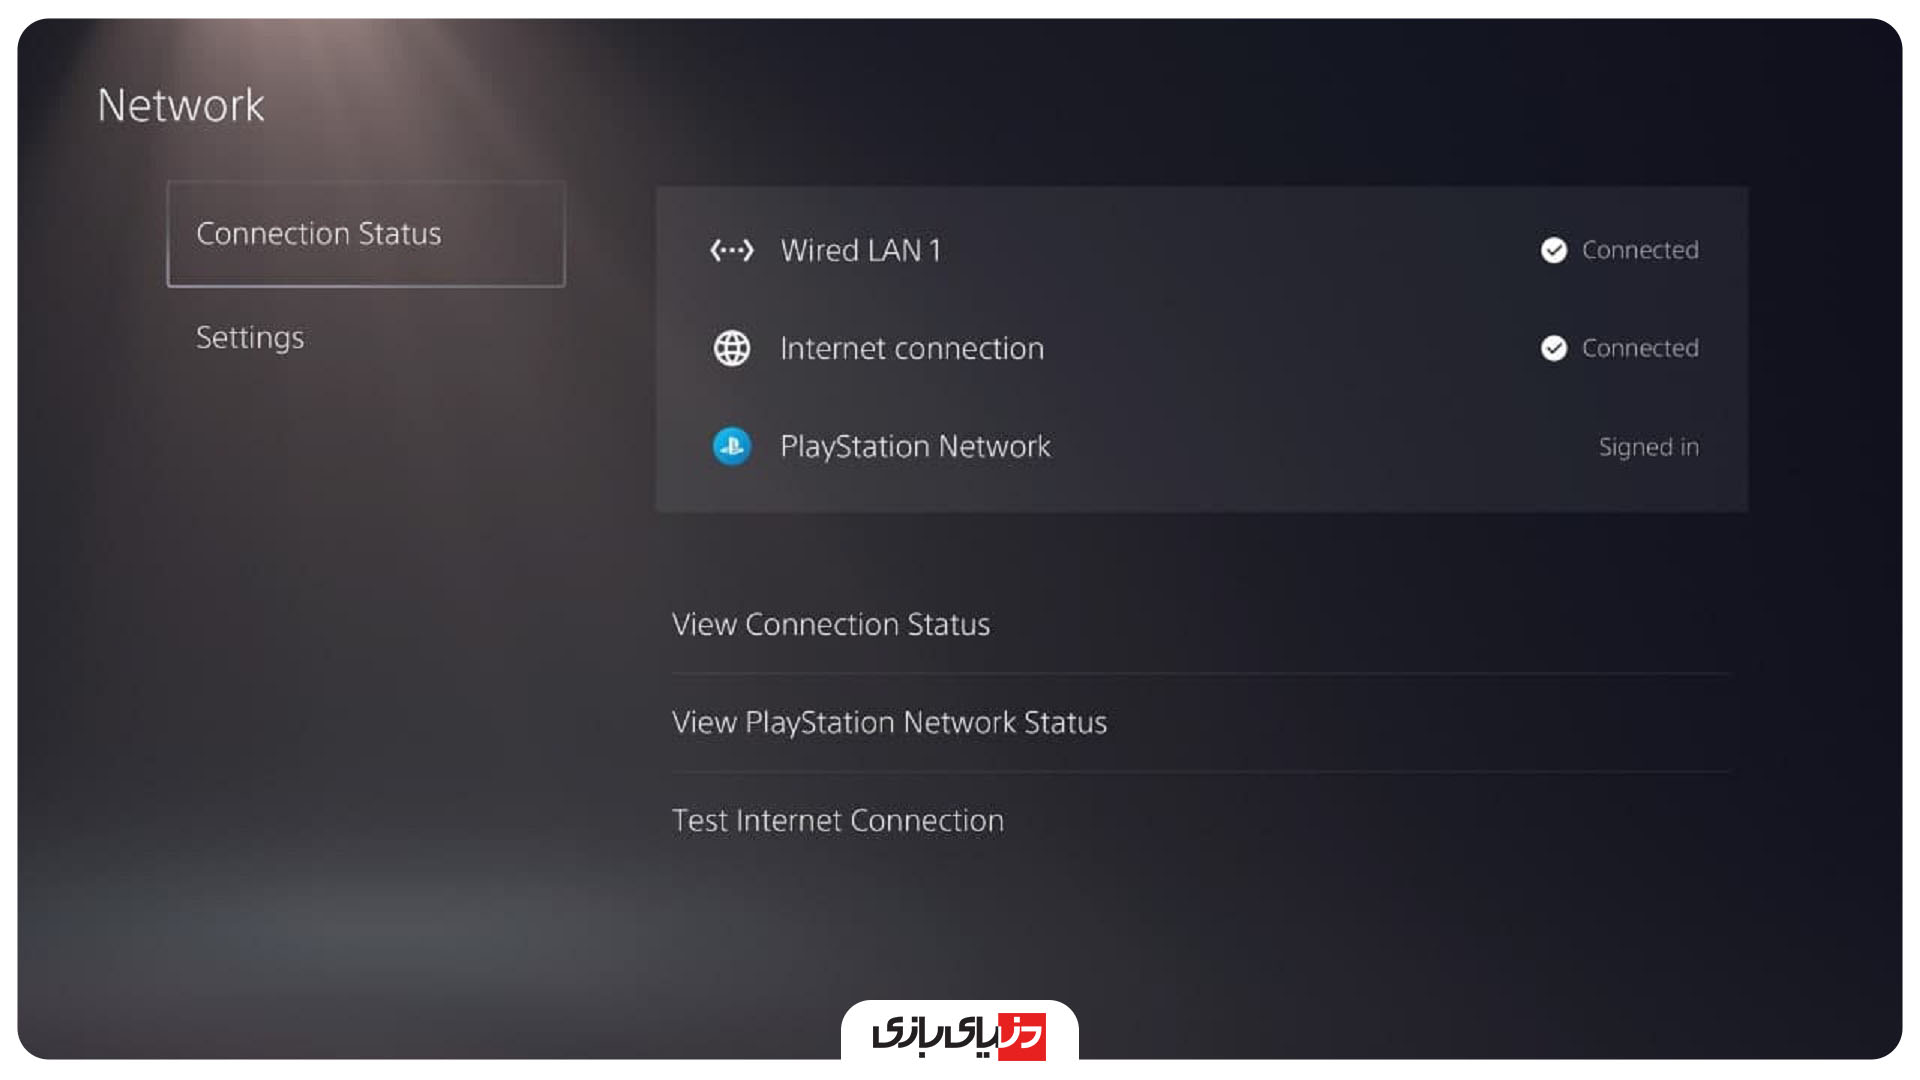 ارورهای PS5 - اینترنت